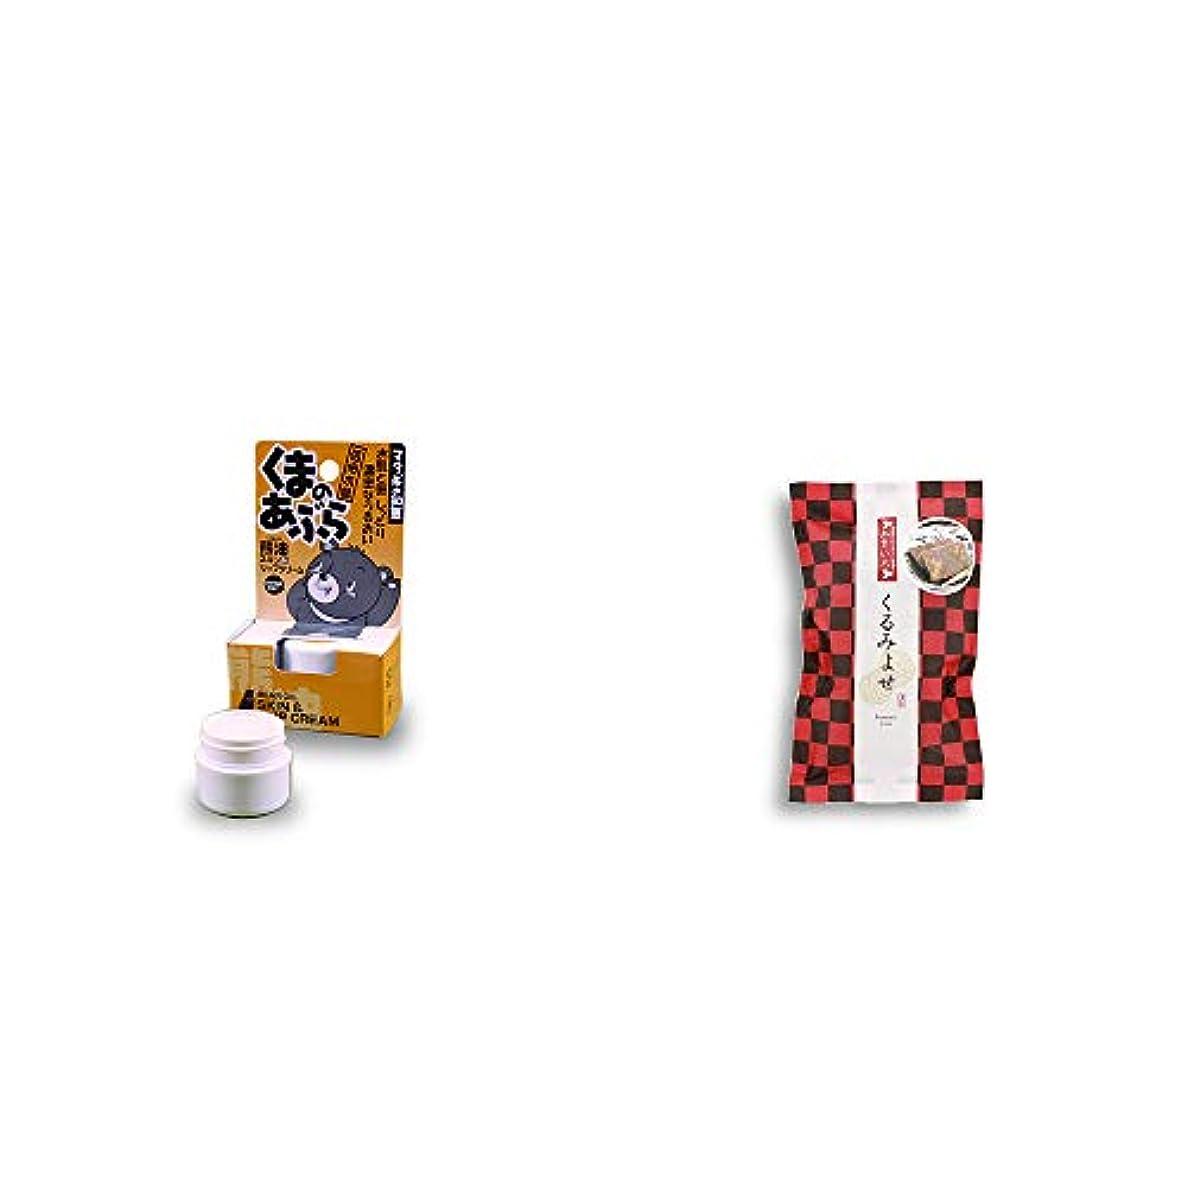 囚人汗はず[2点セット] 信州木曽 くまのあぶら 熊油スキン&リップクリーム(9g)?くるみよせ(こし餡)(5個入)